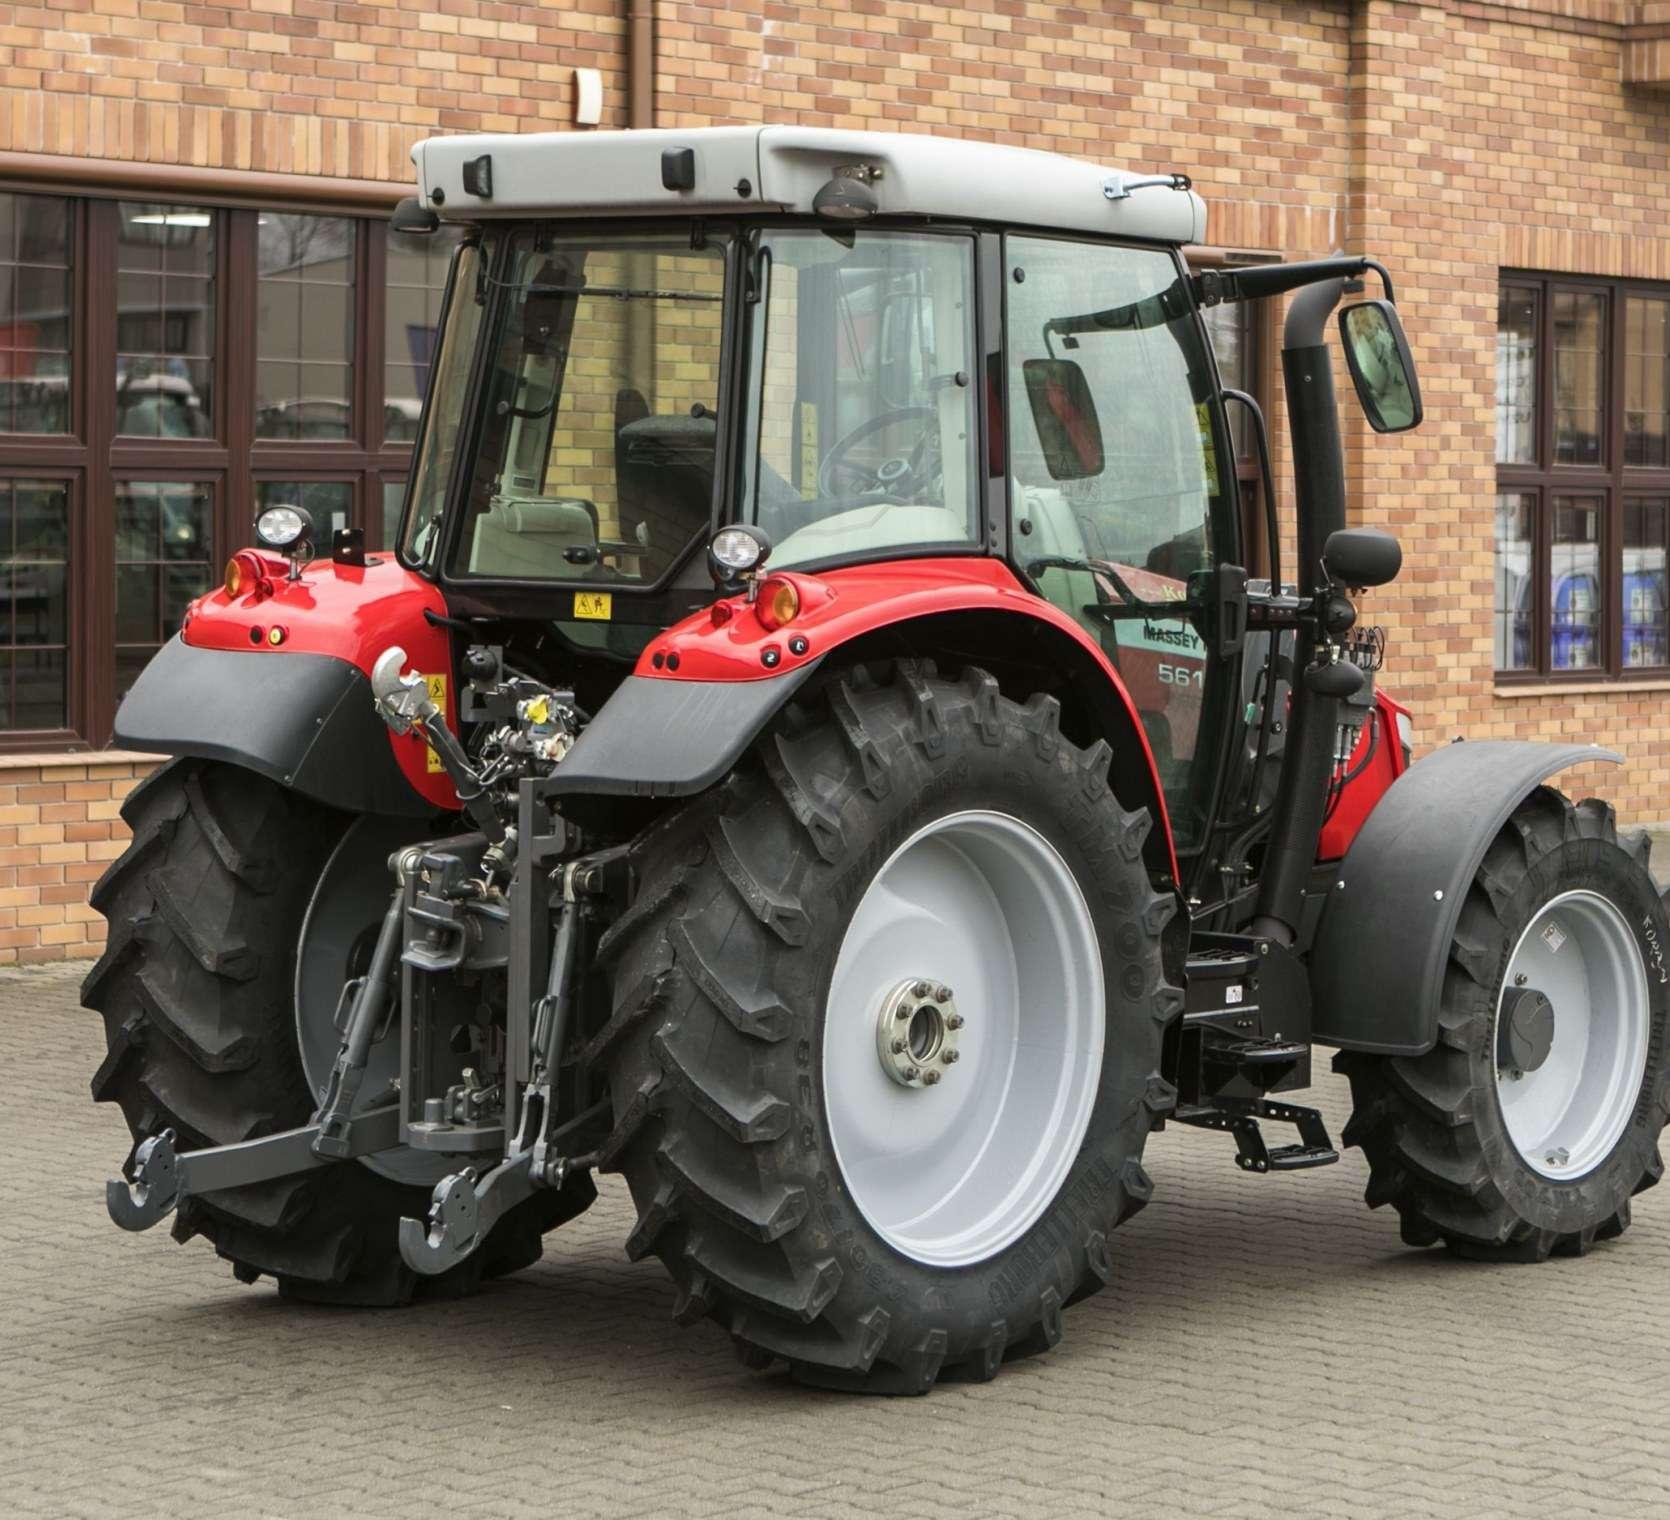 Ciągnik rolniczy marki Massey Ferguson 5611 układ SCR II generacji okazja korbanek.pl